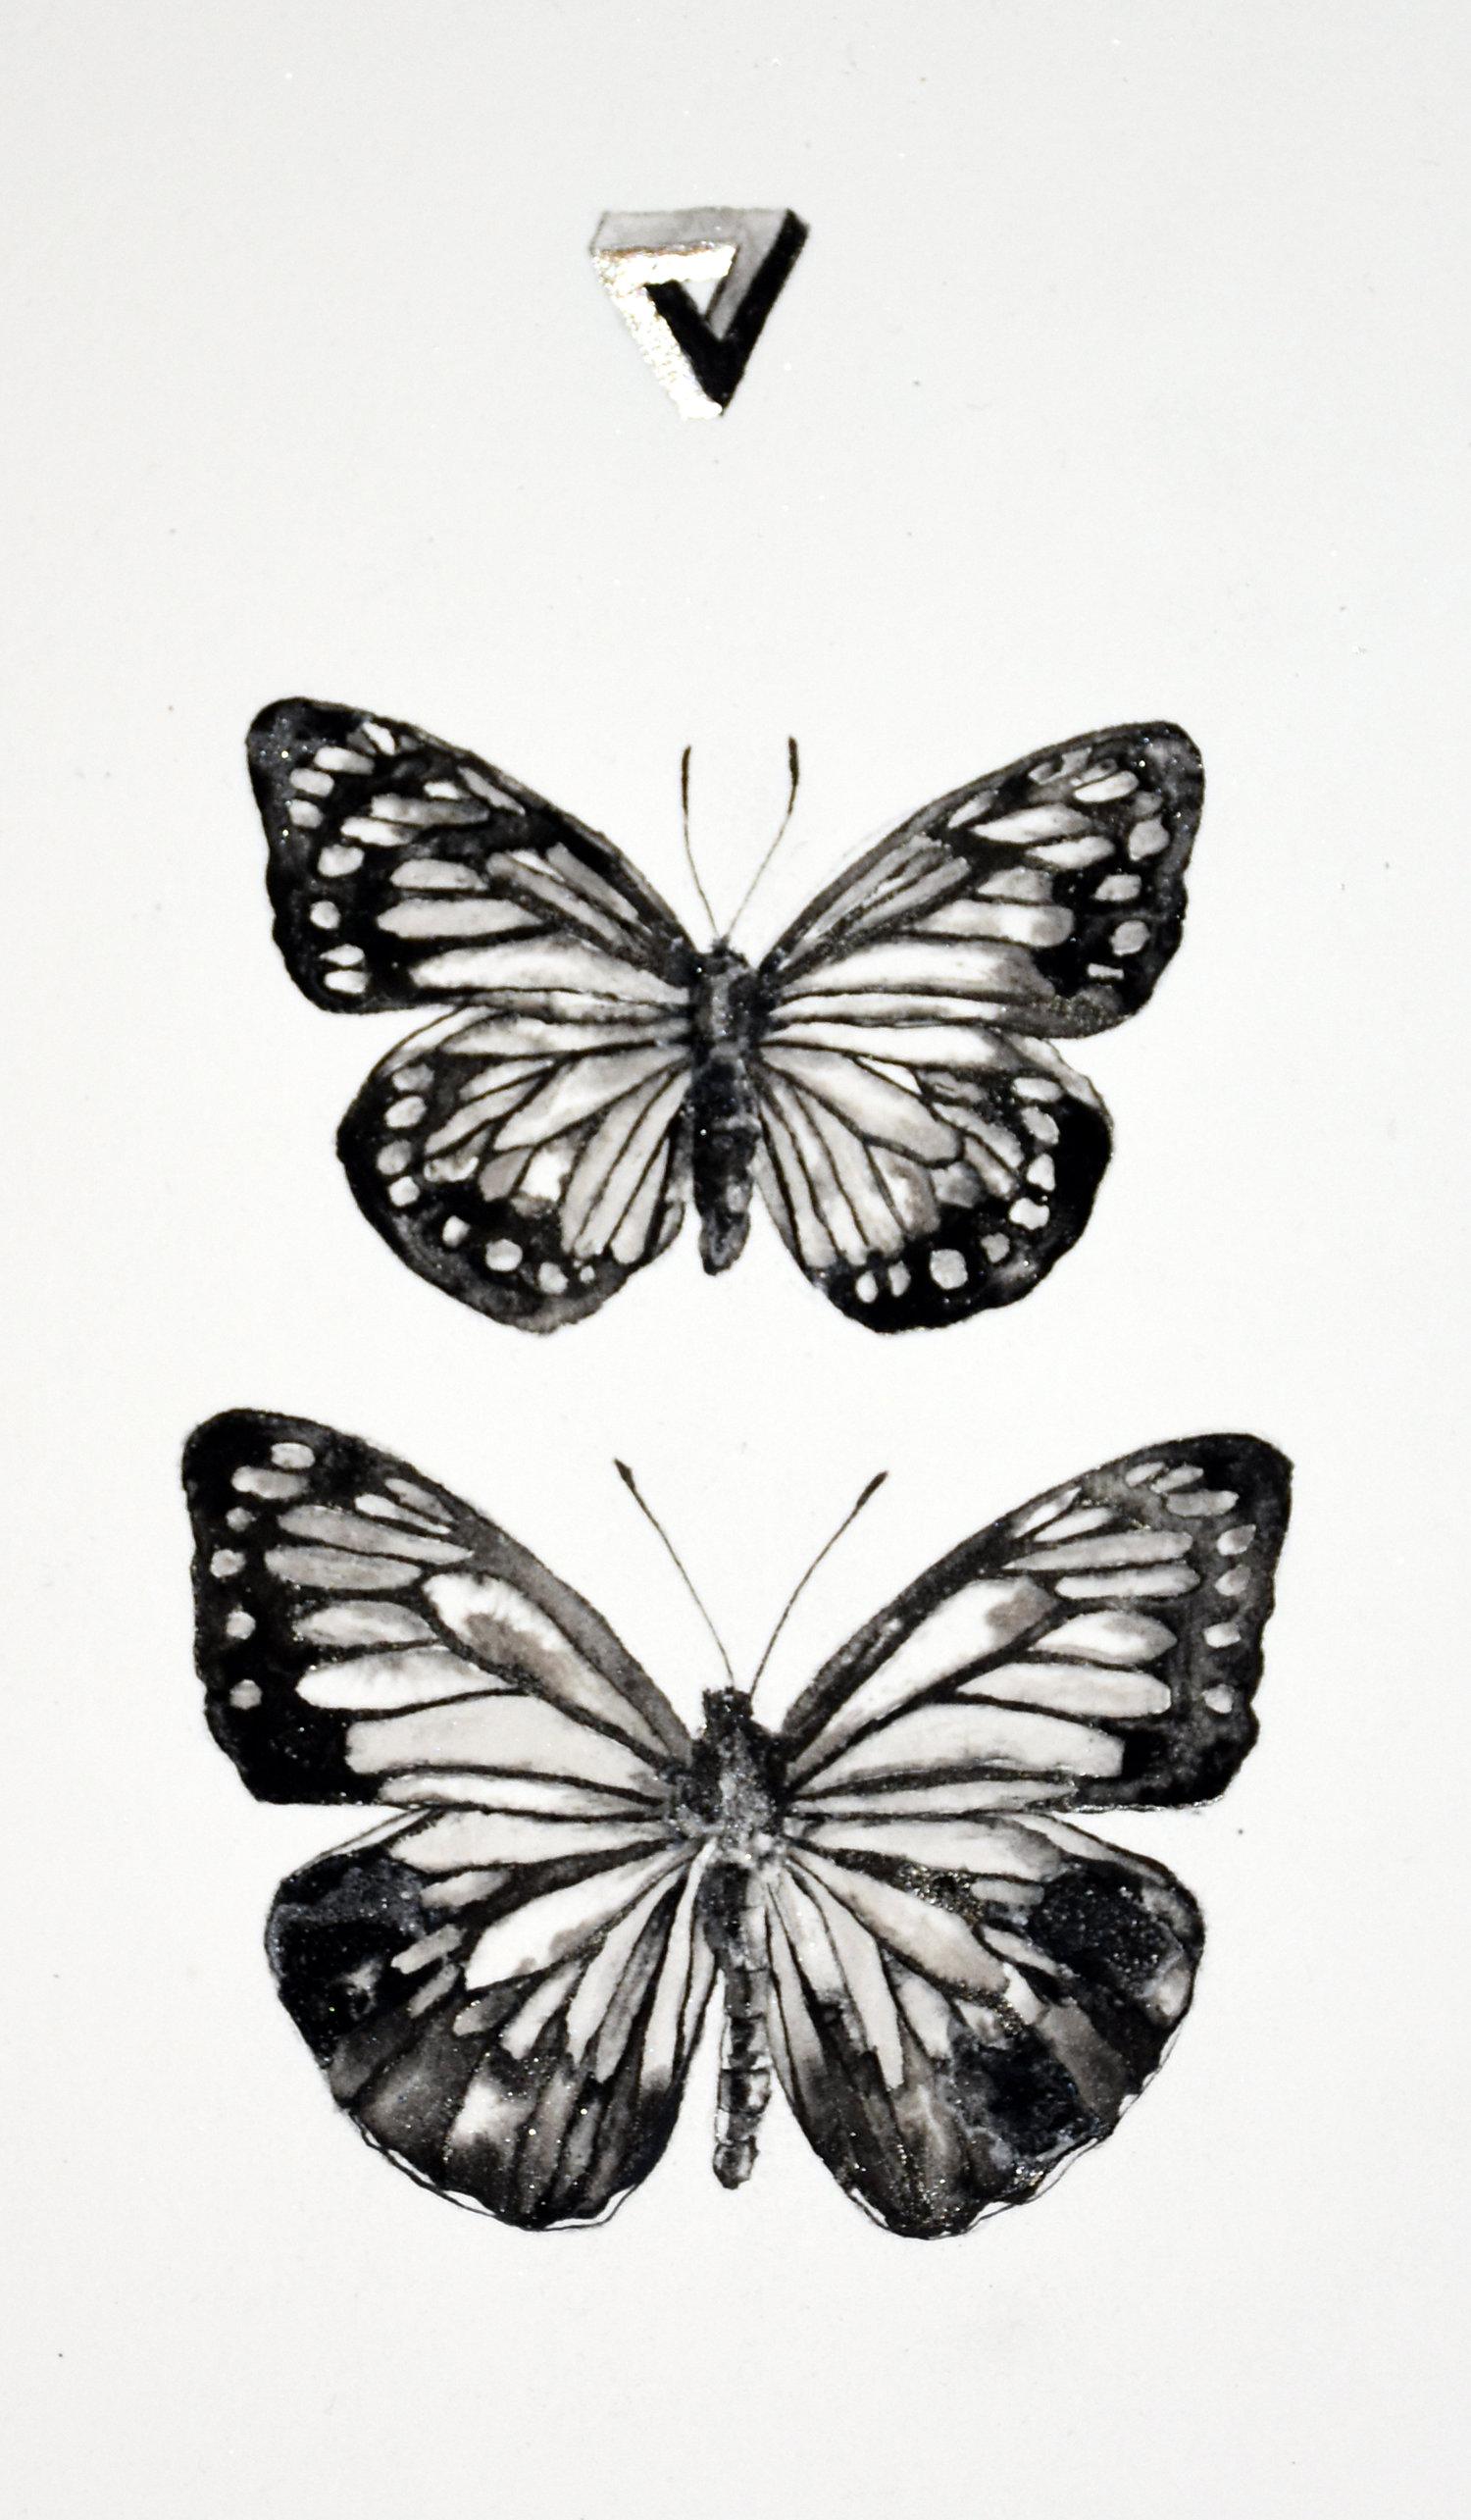 Twobutterfliespenrose01.jpg